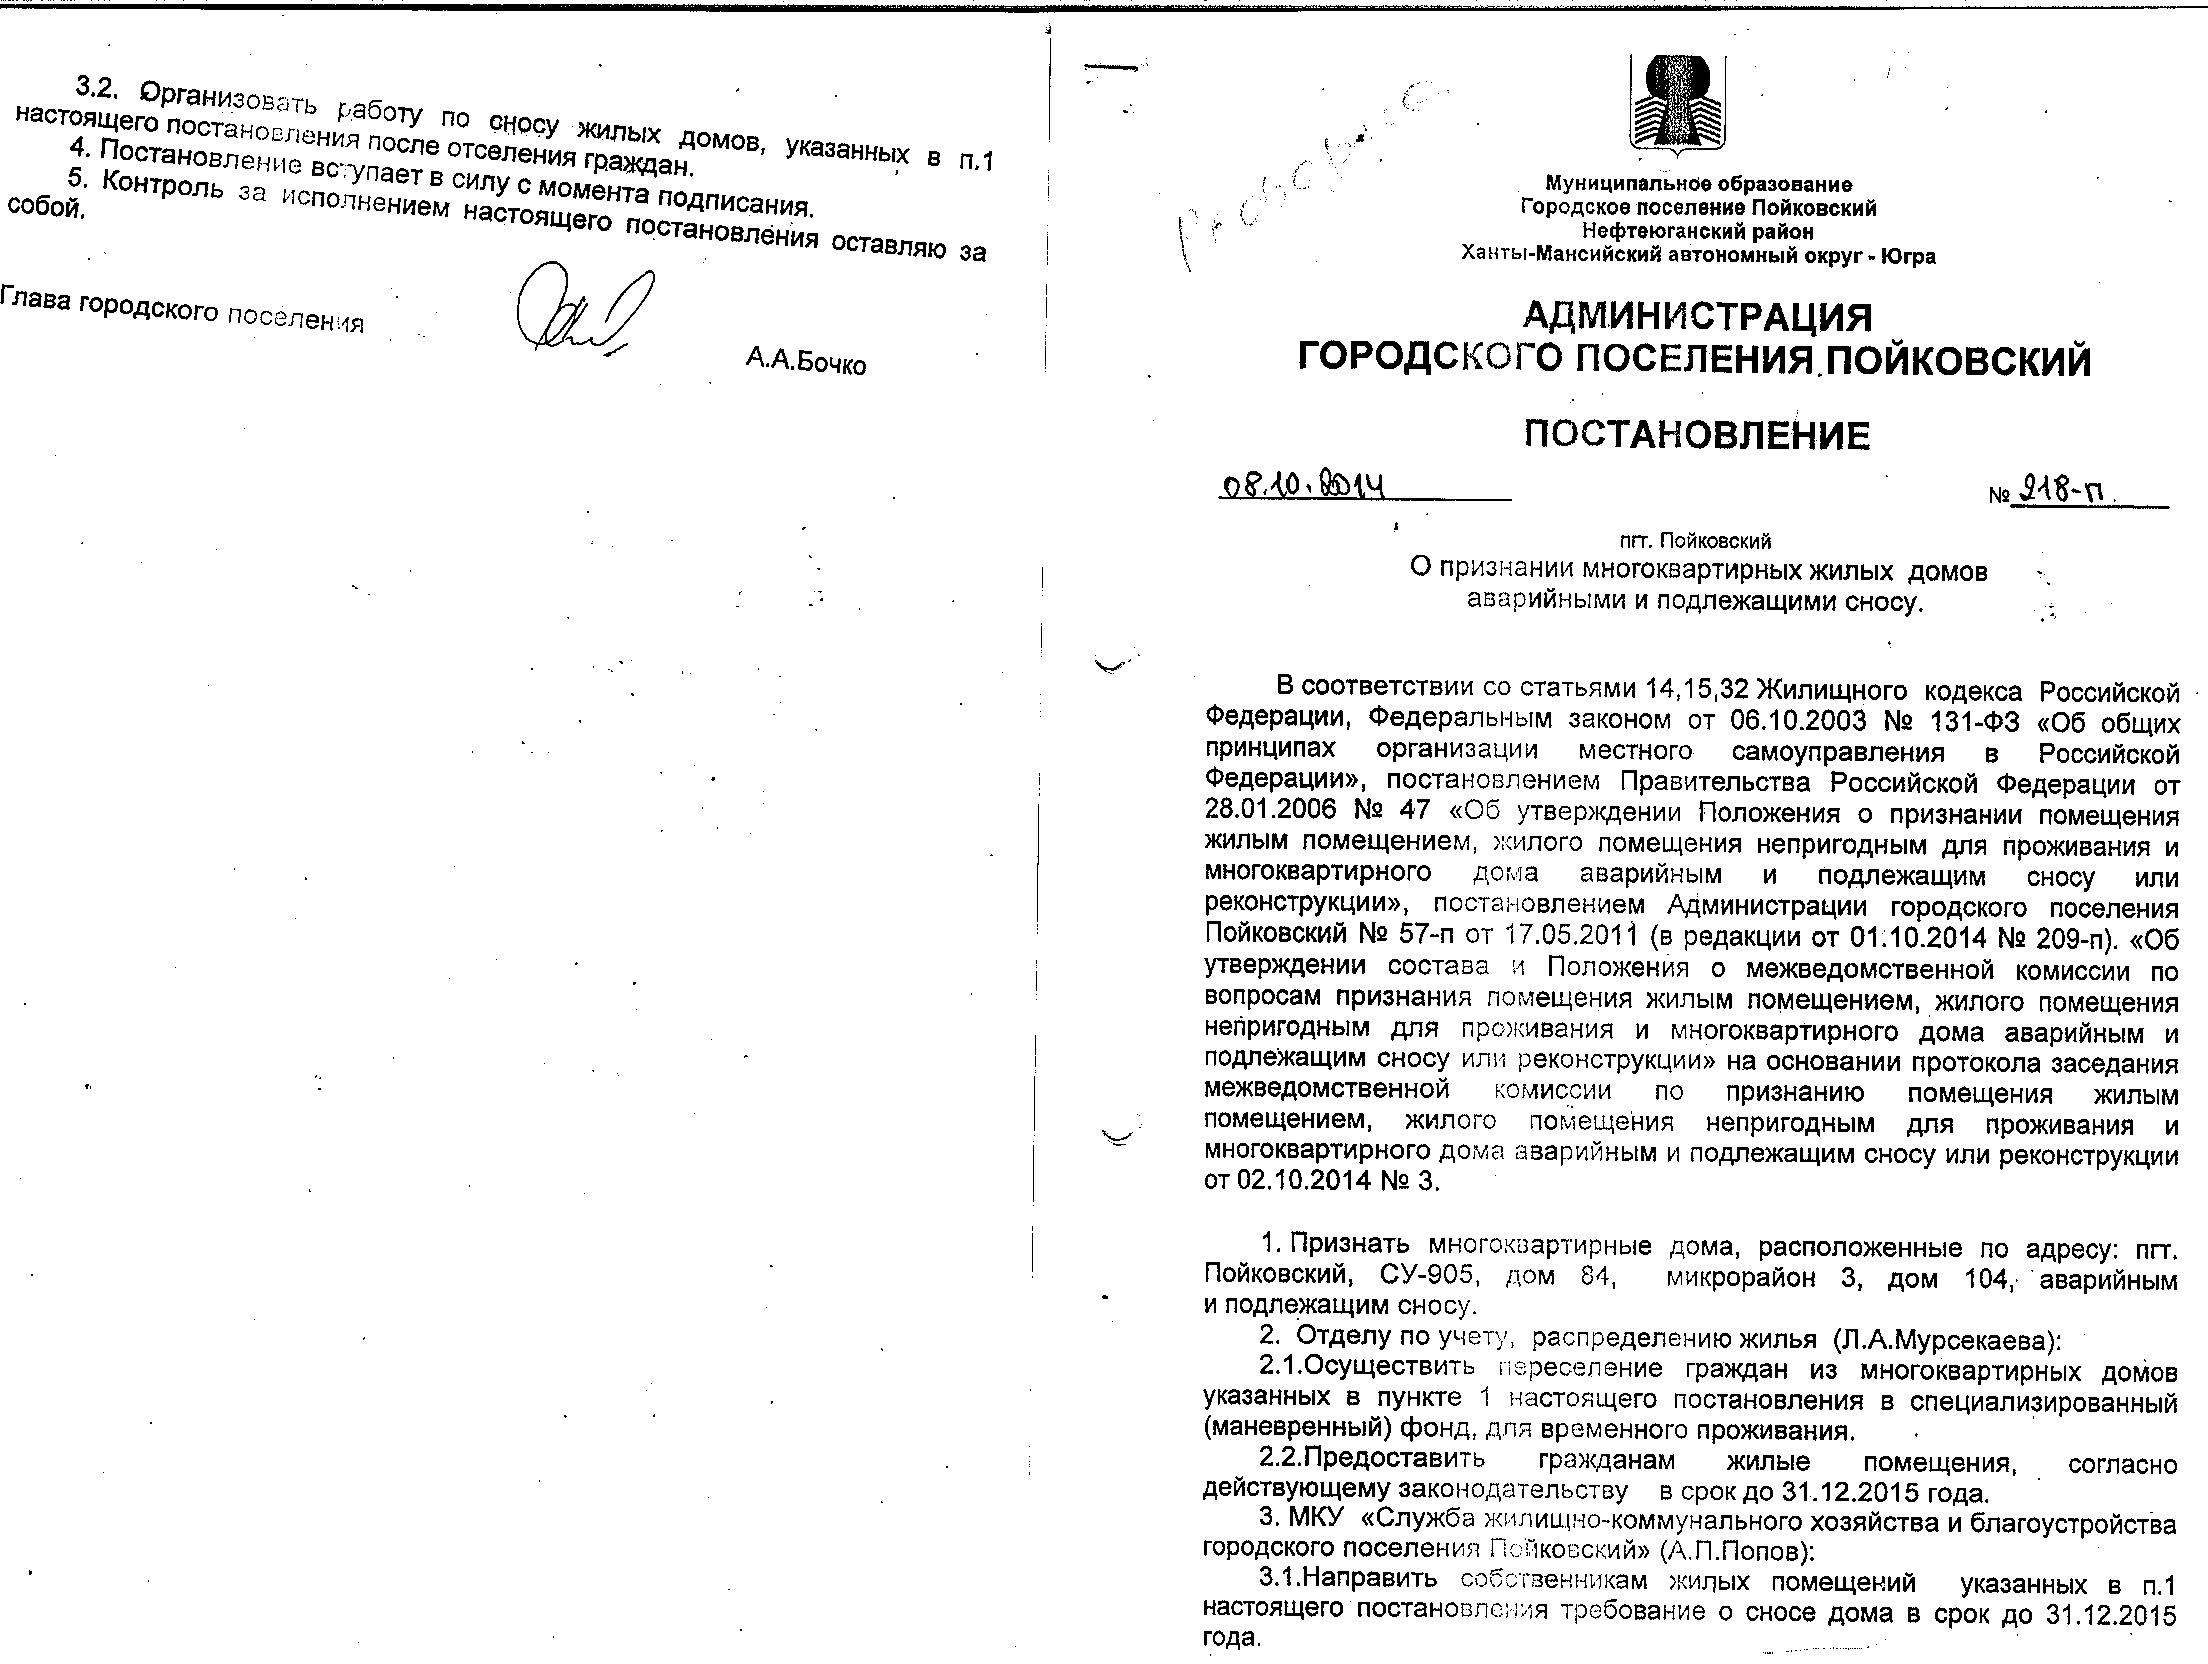 бланк реестр собственников жилых помещений в мкд